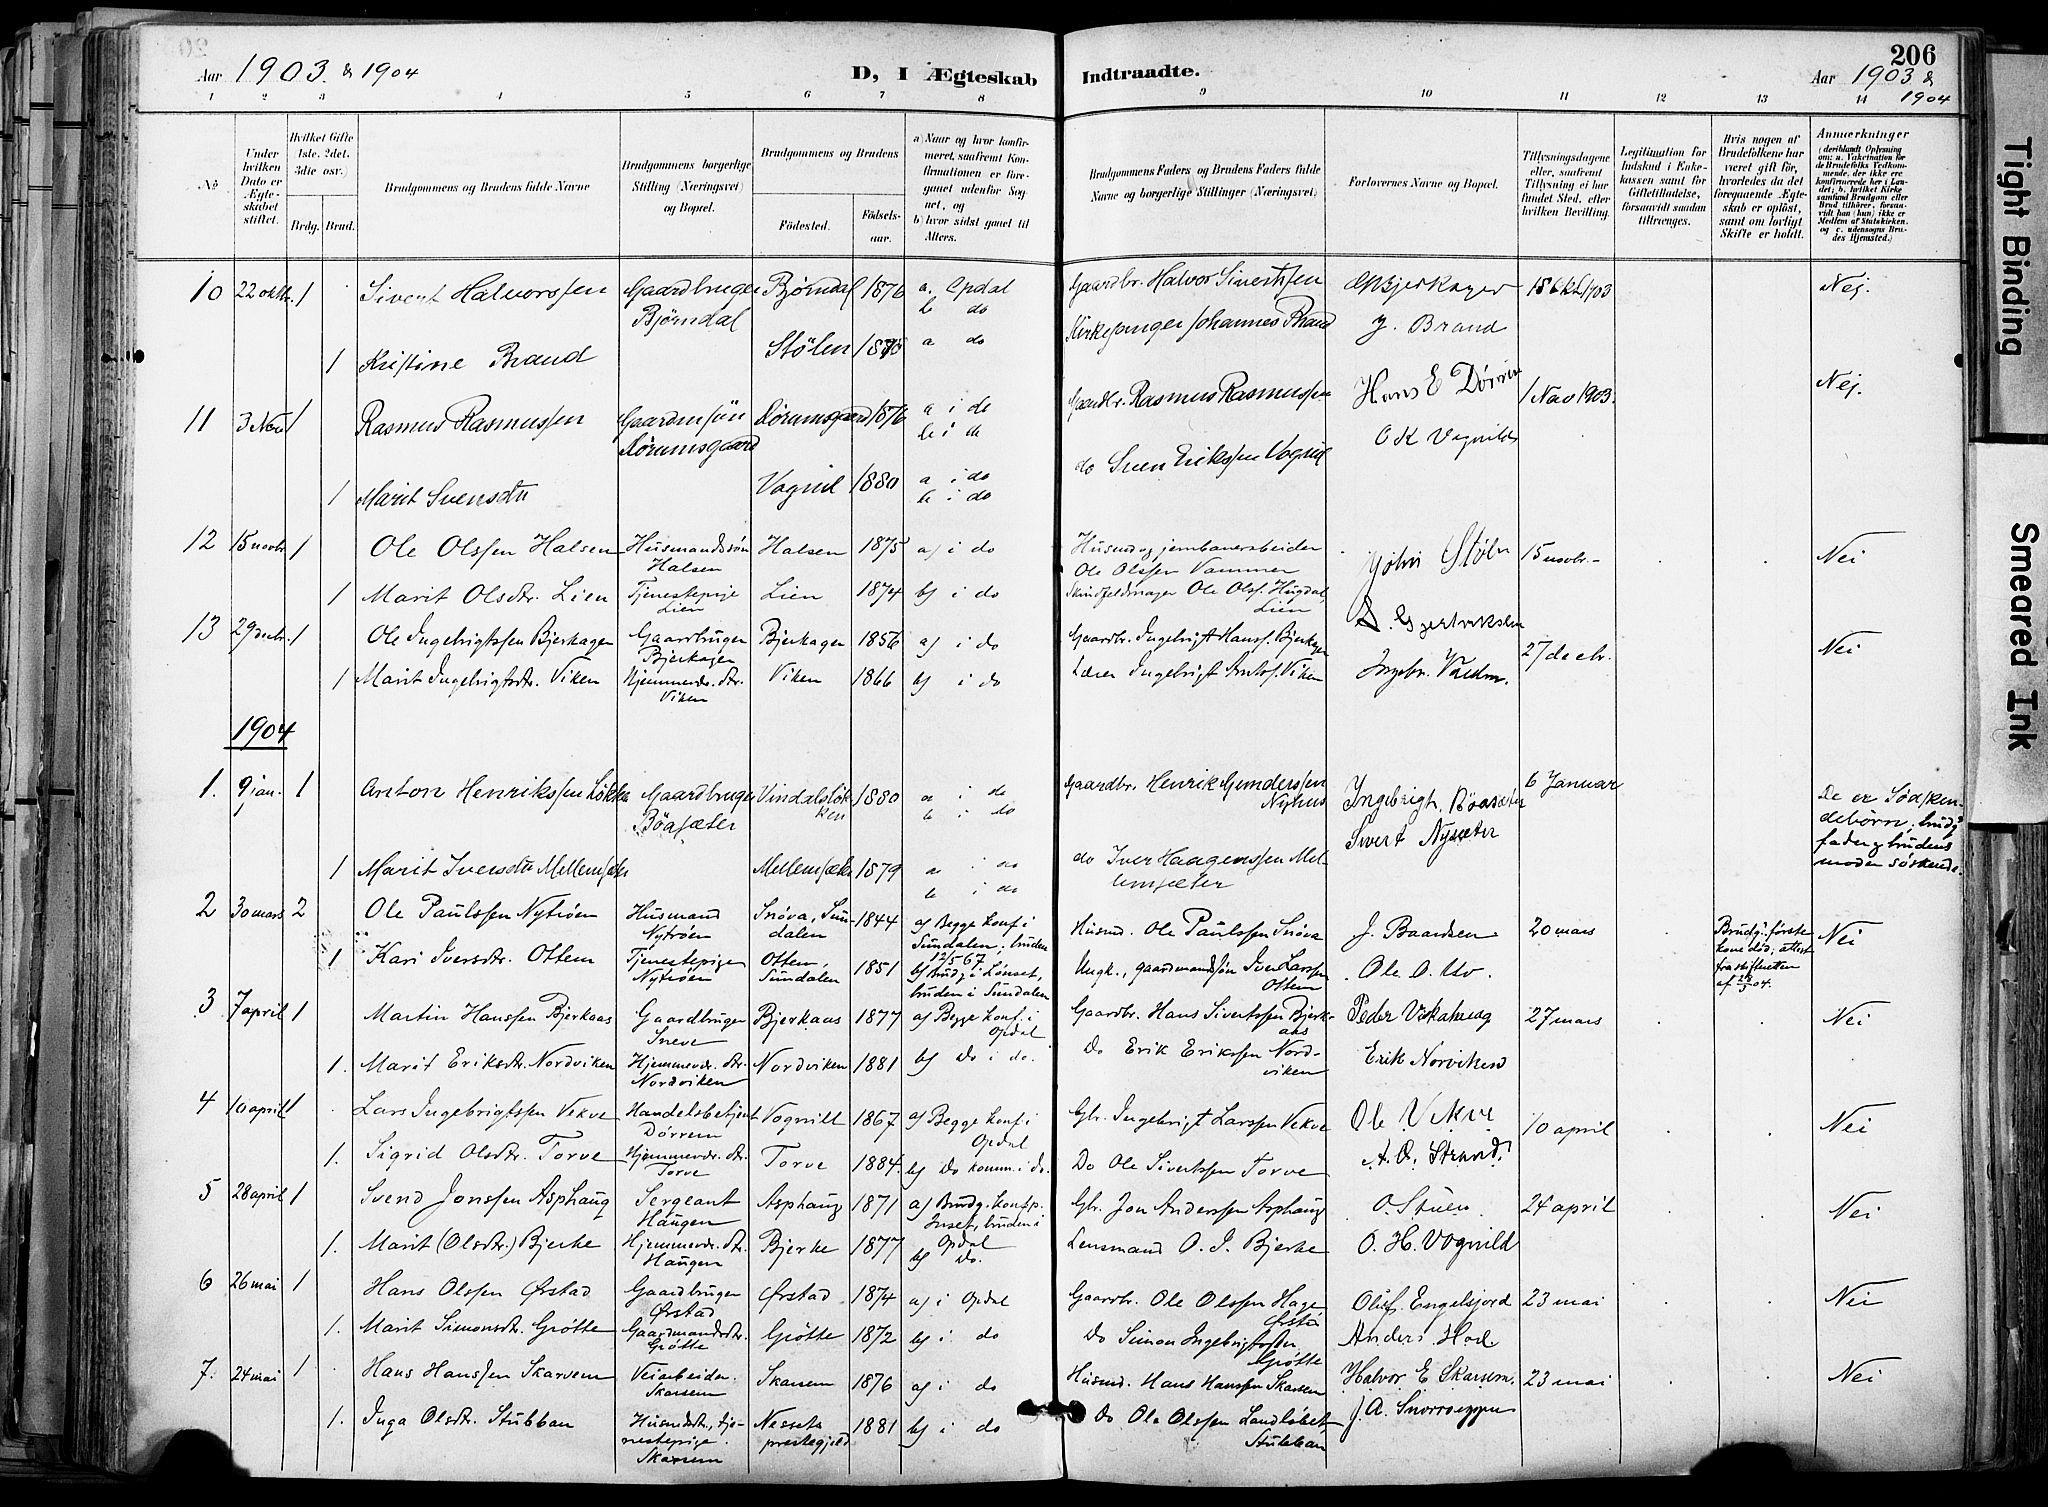 SAT, Ministerialprotokoller, klokkerbøker og fødselsregistre - Sør-Trøndelag, 678/L0902: Ministerialbok nr. 678A11, 1895-1911, s. 206